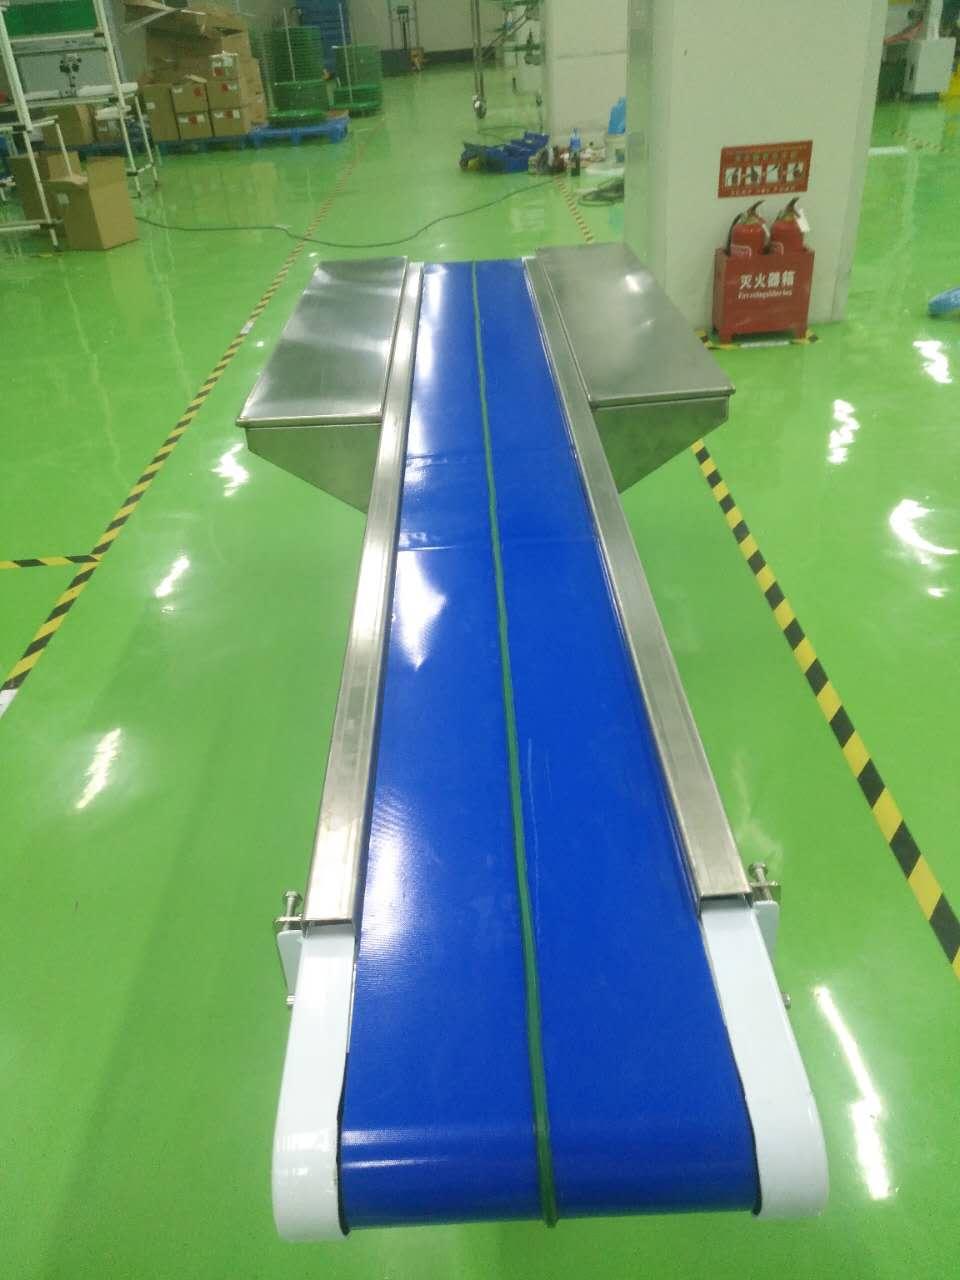 厦门食品流水线供应,专业的食品流水线厂家推荐